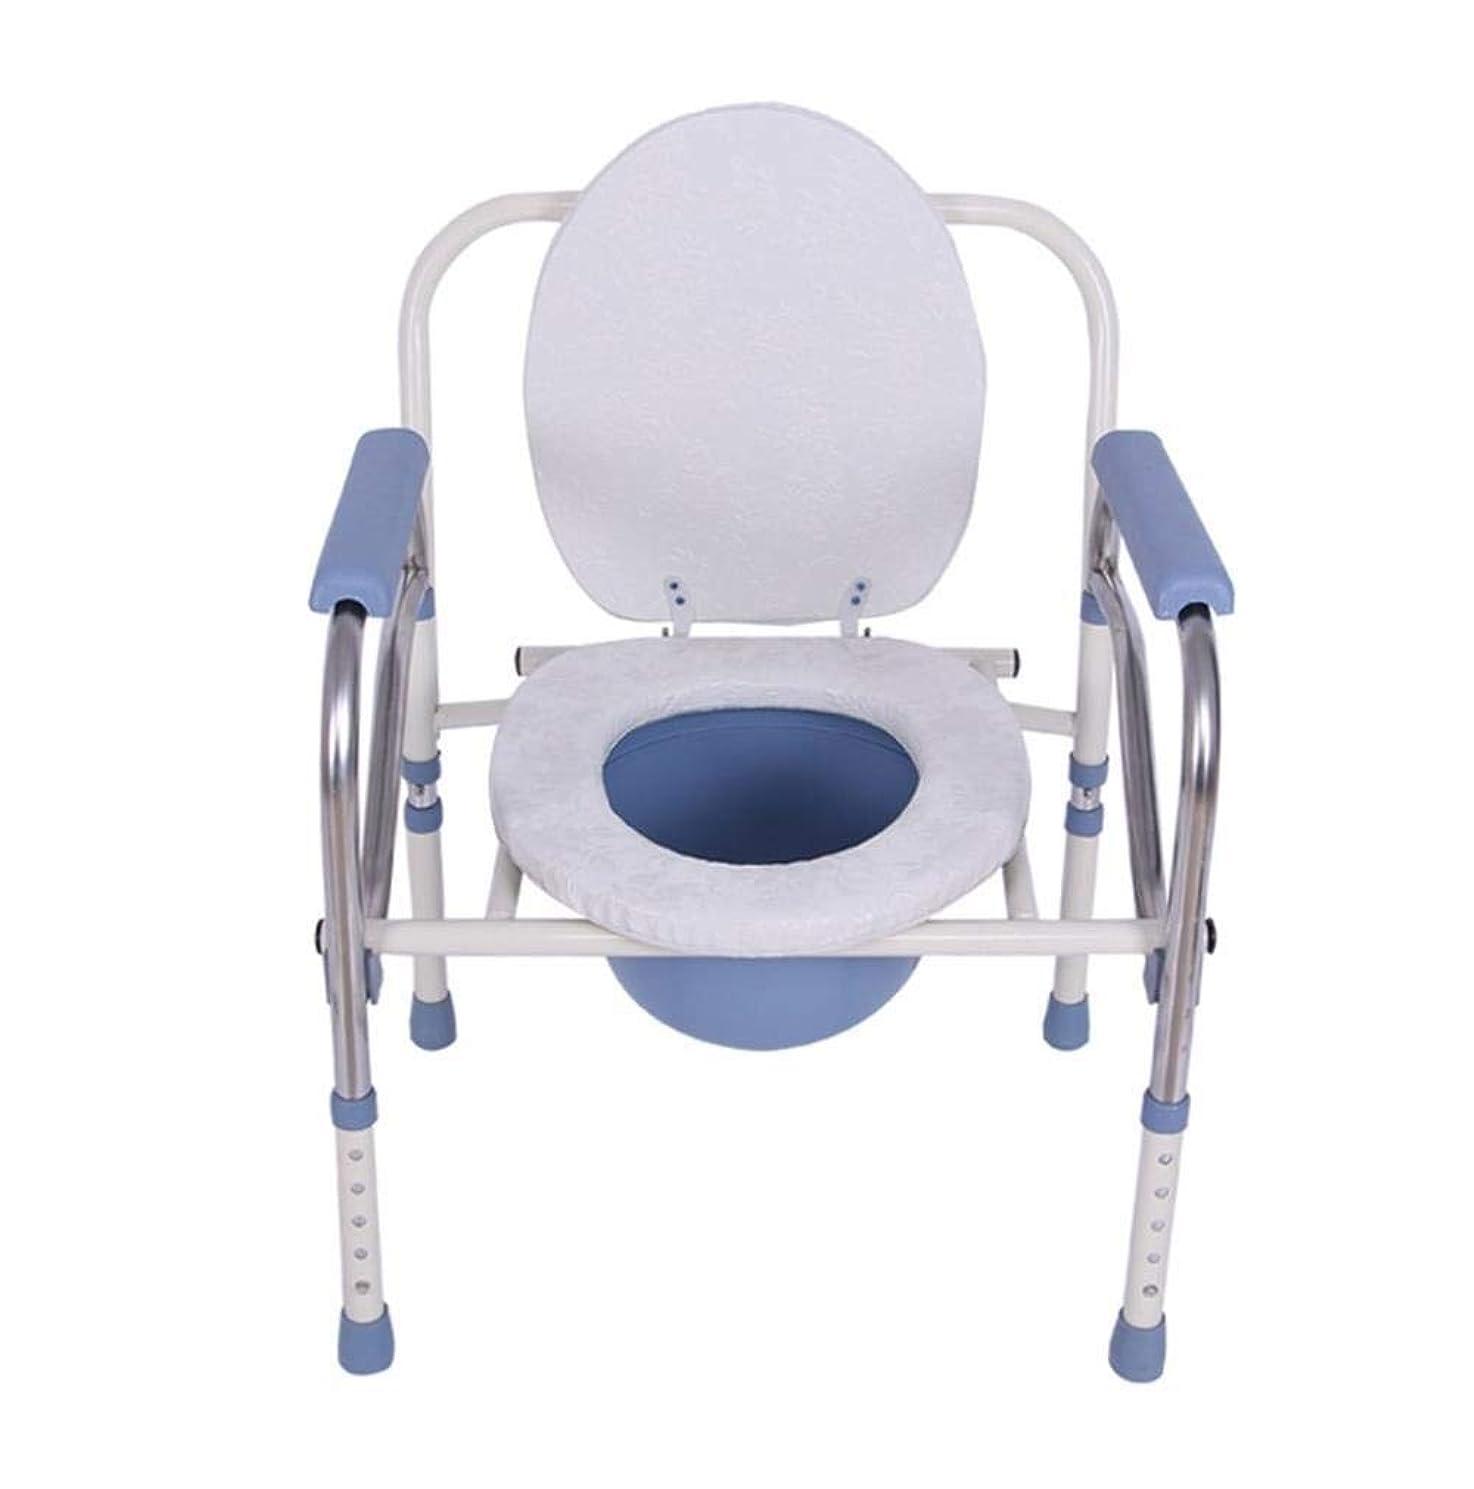 下線神経衰弱郊外折りたたみ式ベッドサイドside椅子-ステンレススチール製トイレ付き便器バケツ付き高さ調節可能な妊婦用トイレスツール